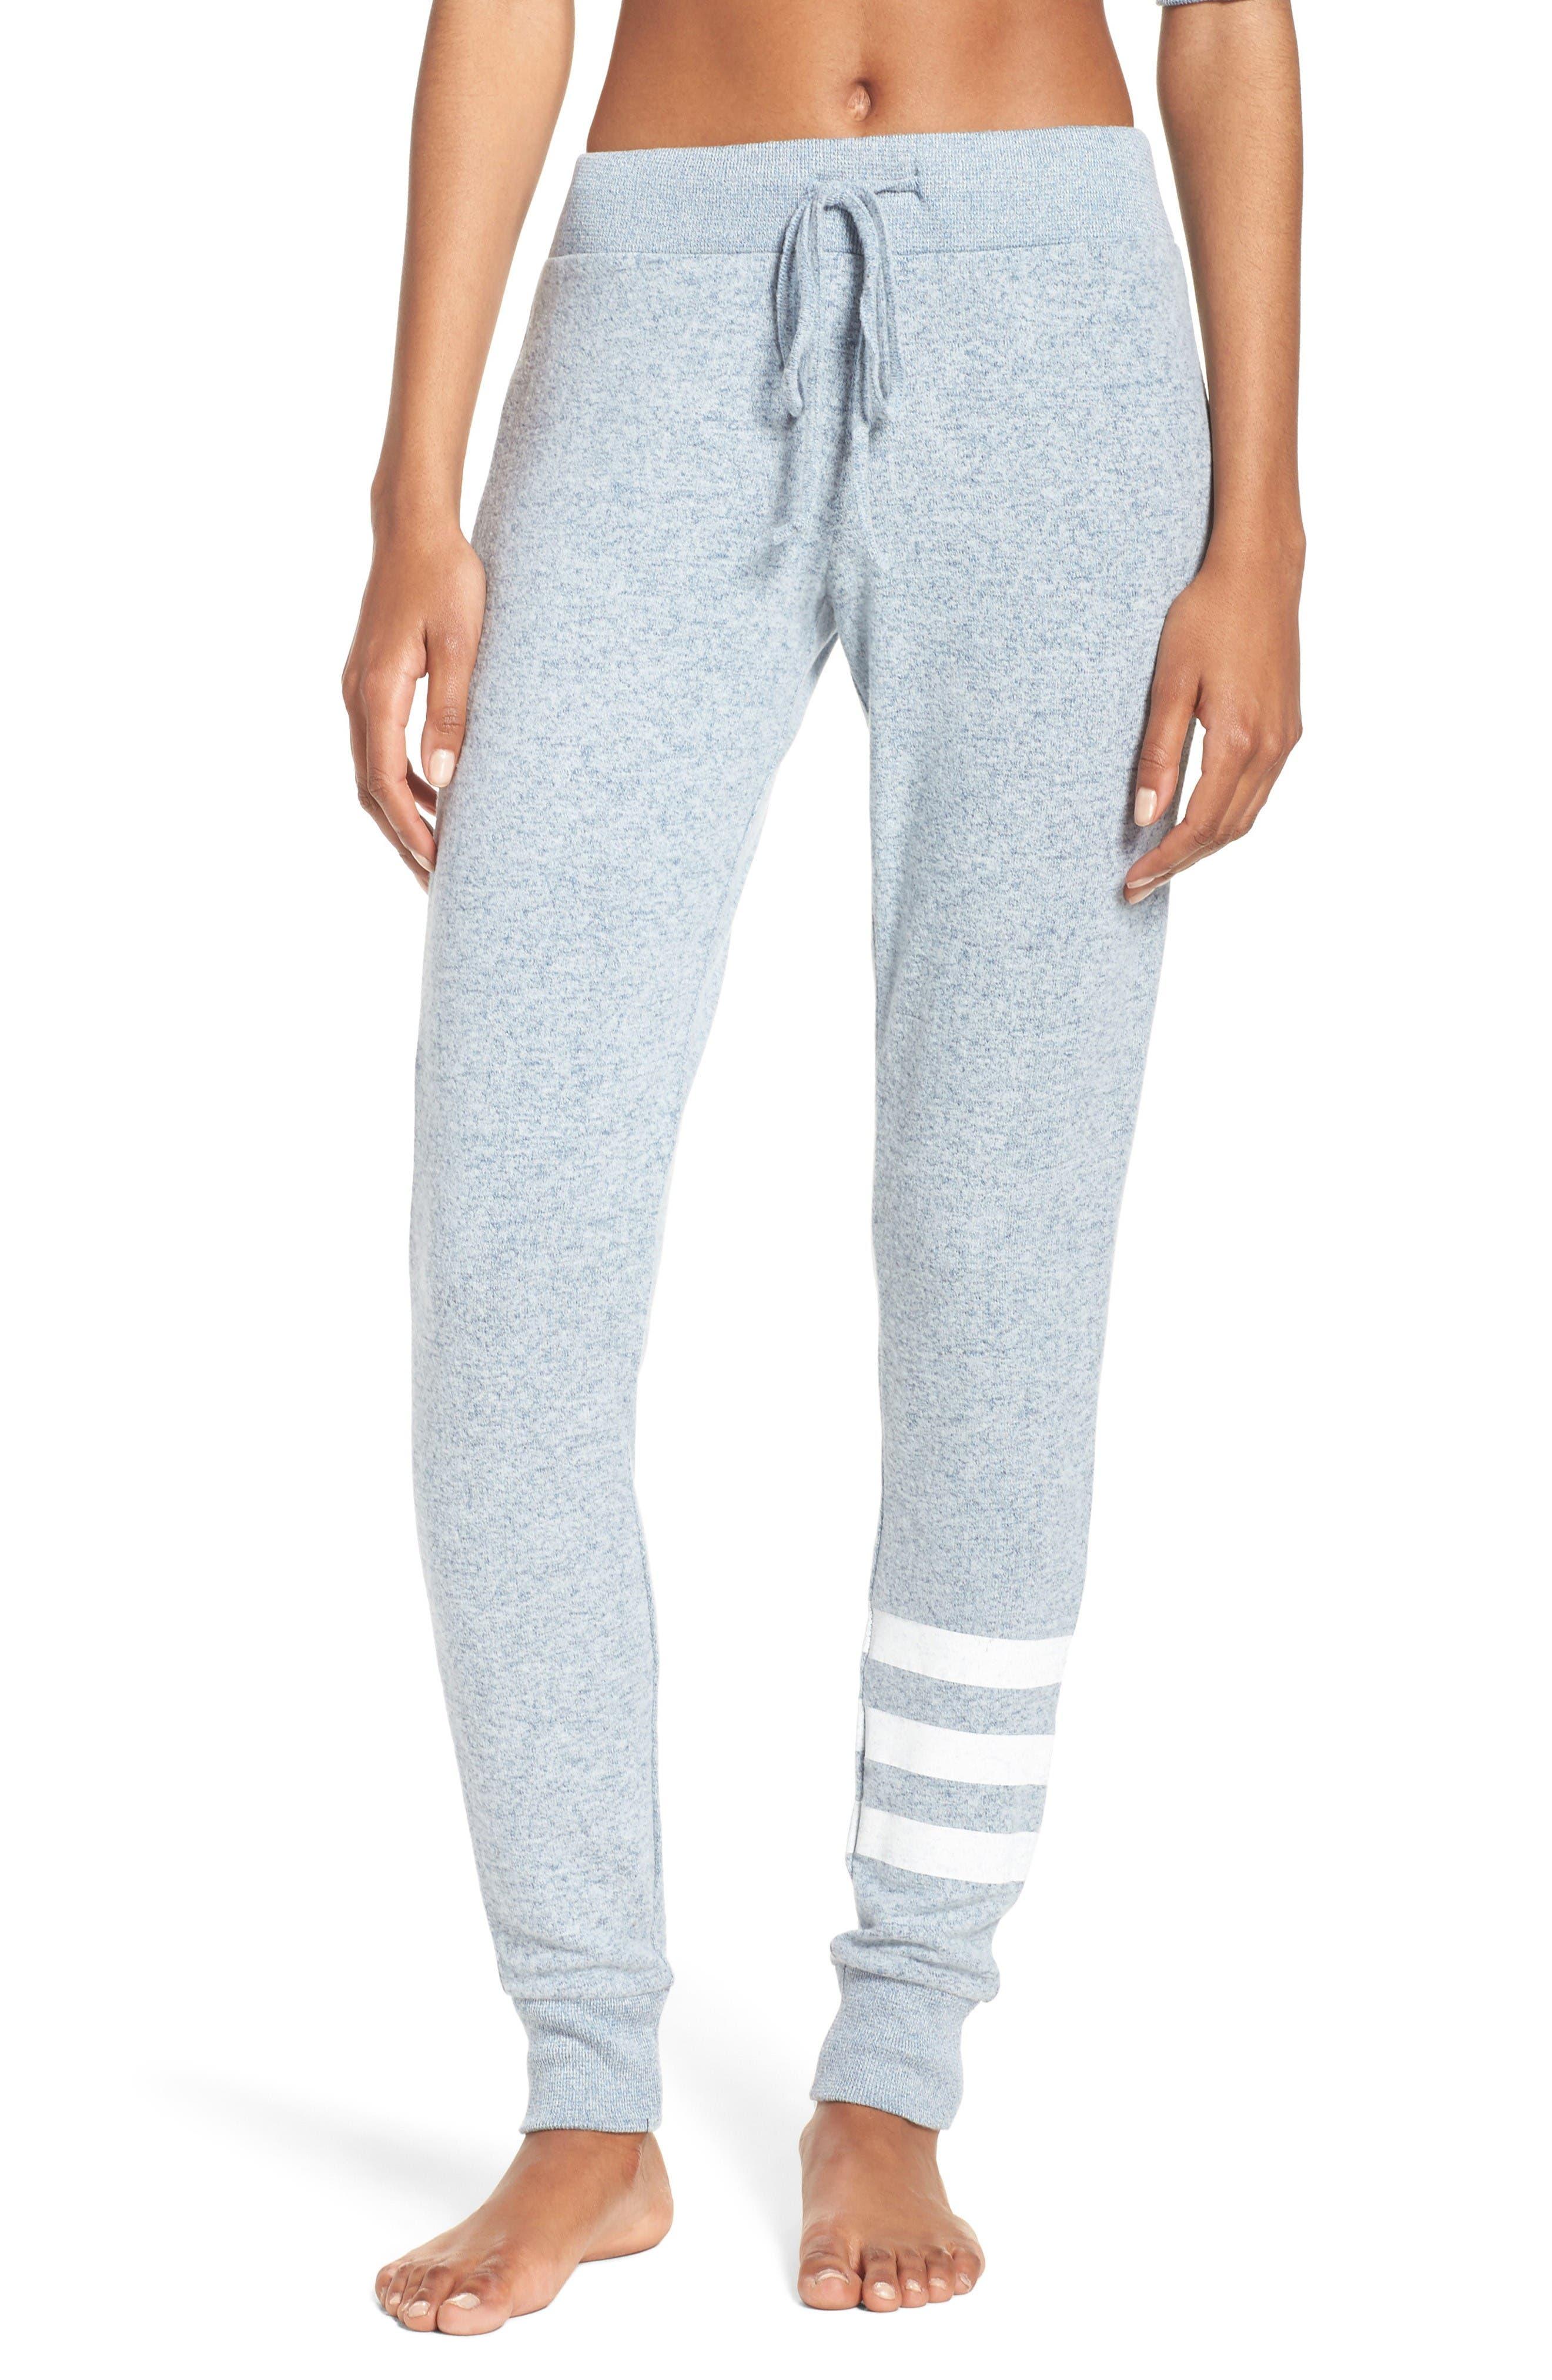 Alternate Image 1 Selected - Make + Model Dorm Brushed Hacci Jogger Pants